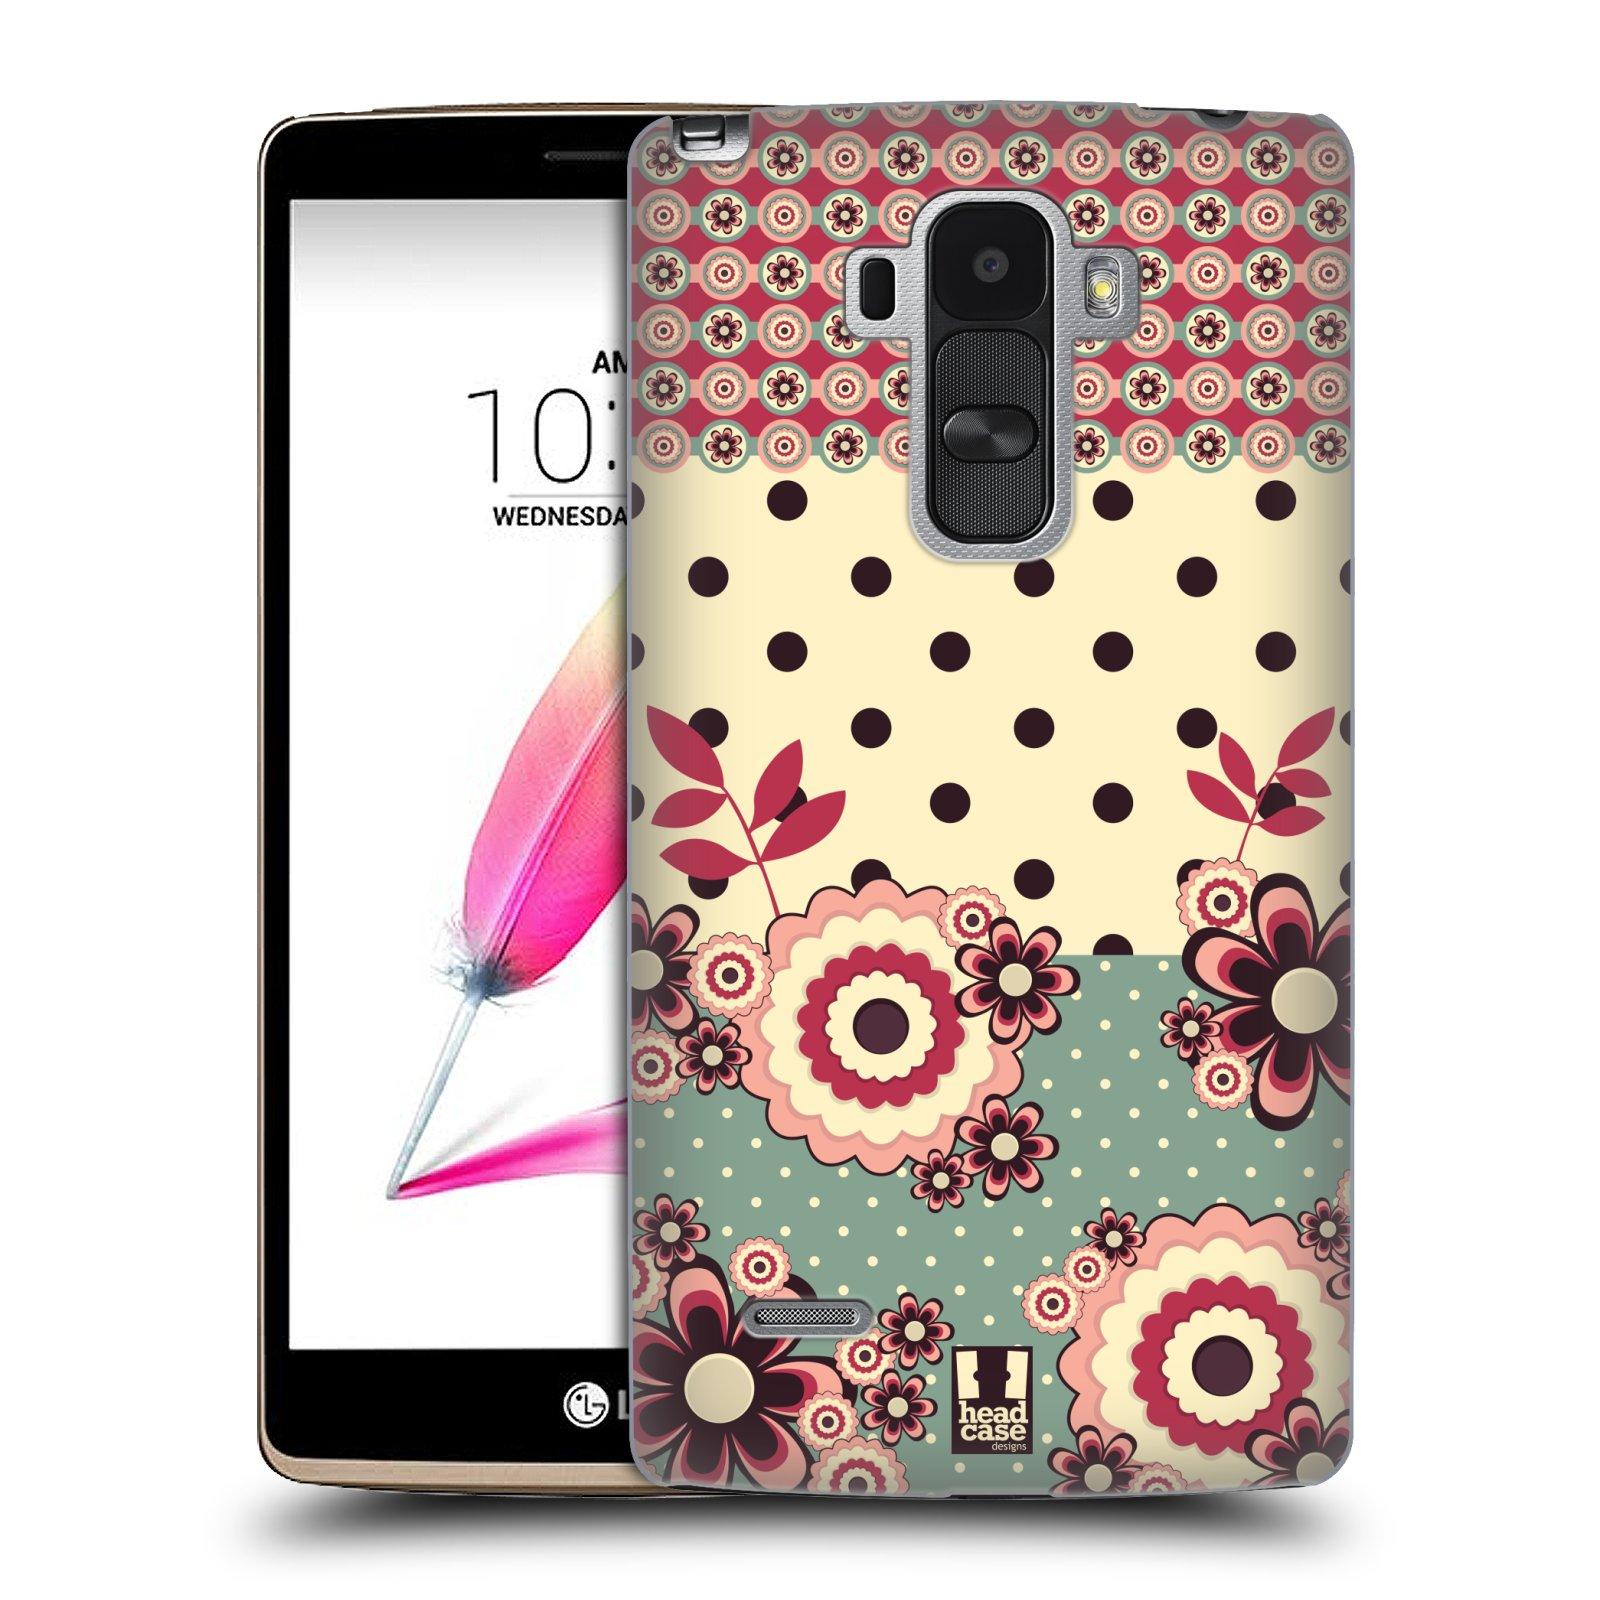 Plastové pouzdro na mobil LG G4 Stylus HEAD CASE KVÍTKA PINK CREAM (Kryt či obal na mobilní telefon LG G4 Stylus H635)